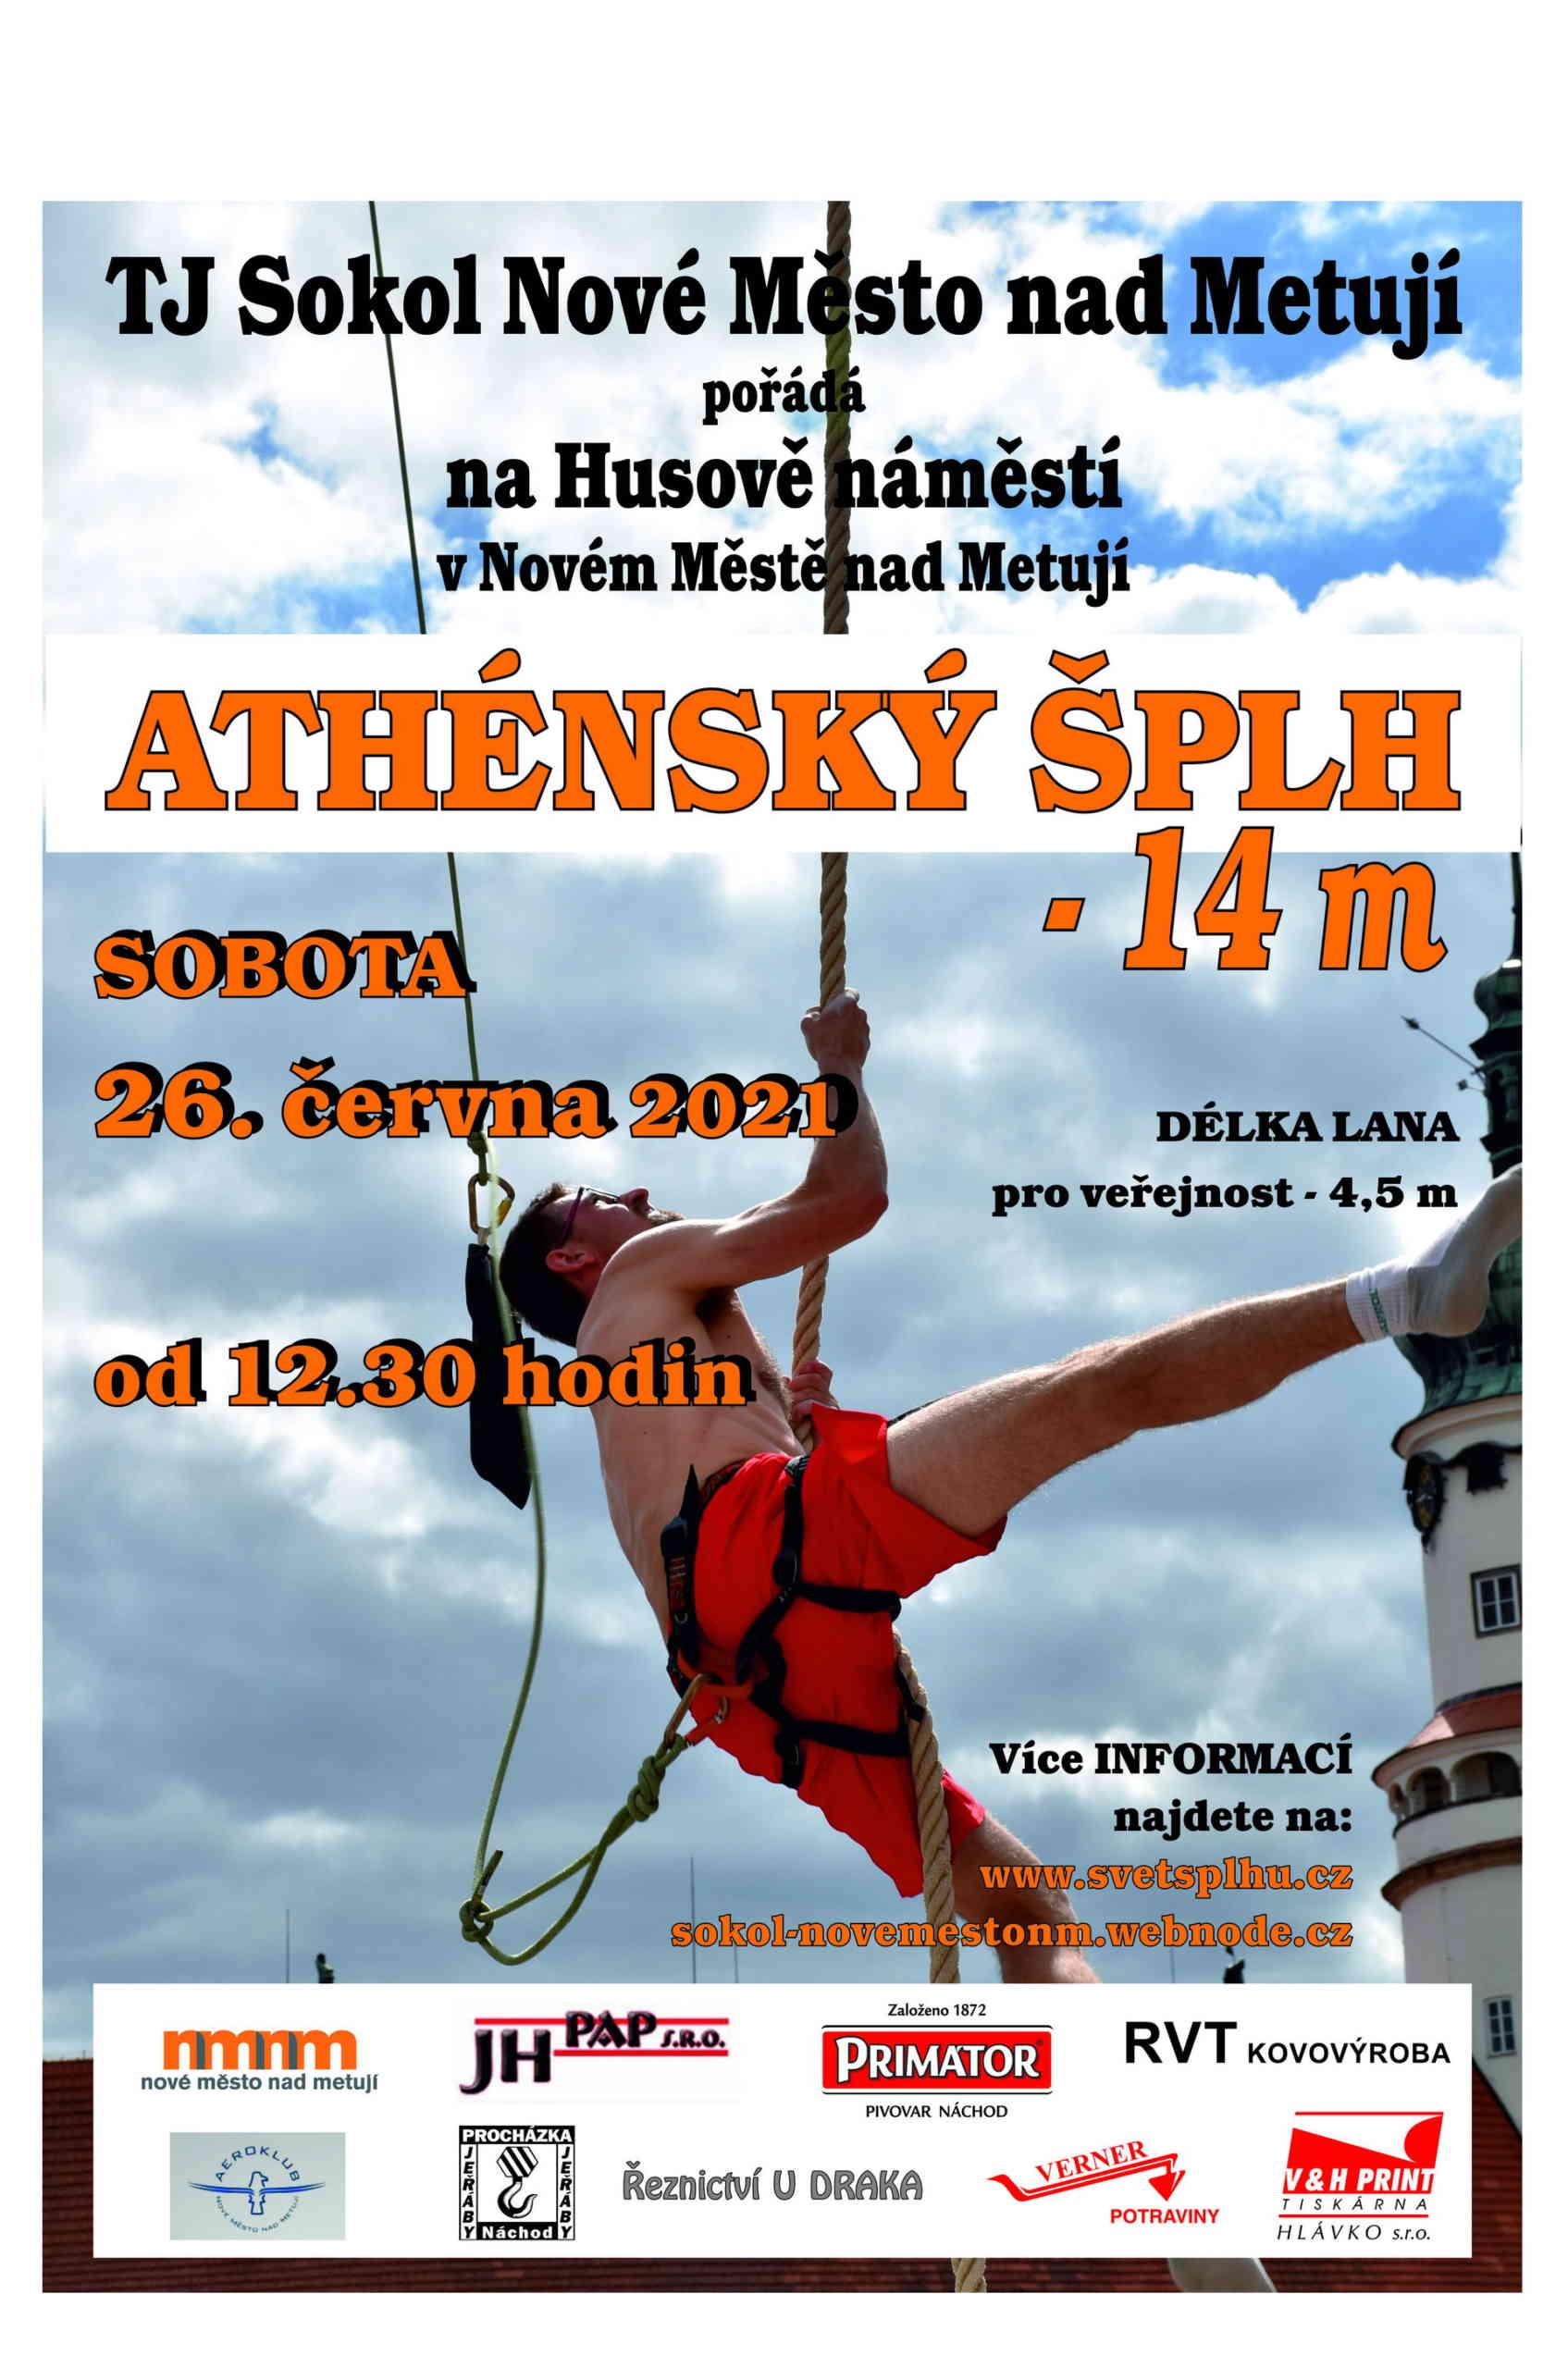 Nové Město nad Metují (14 metrů) 2021 - plakát